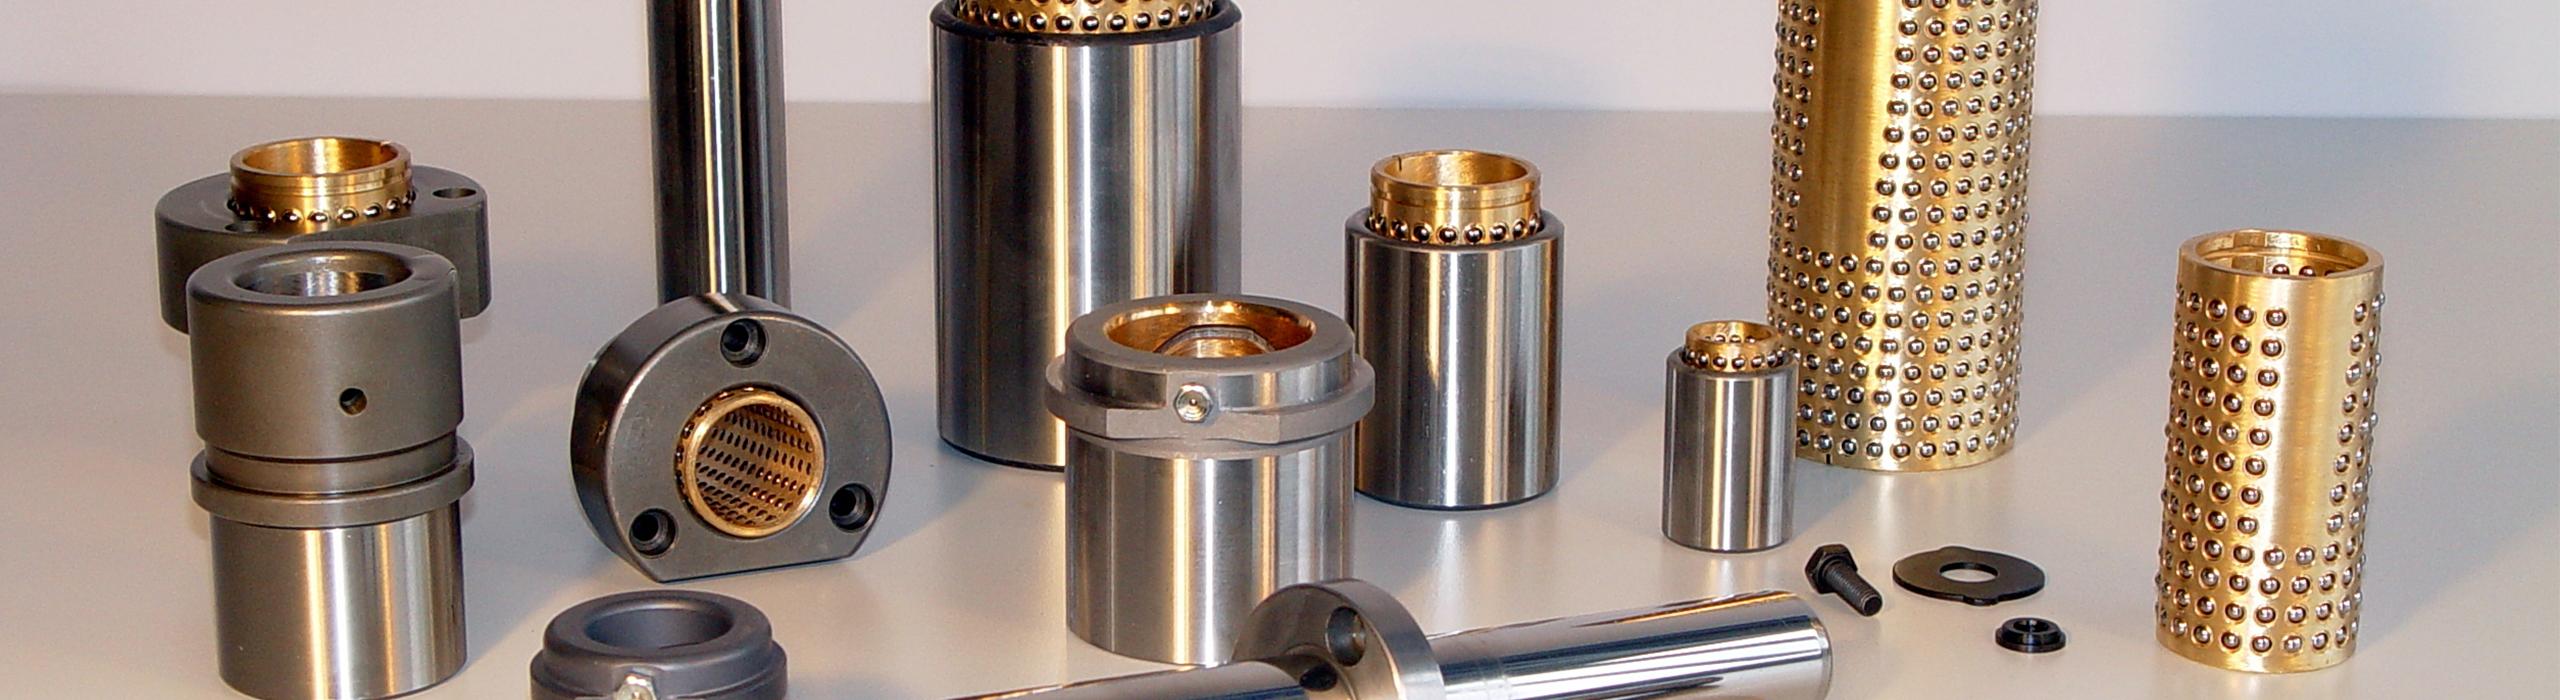 RSB-Stahl-stanznormalien-header4